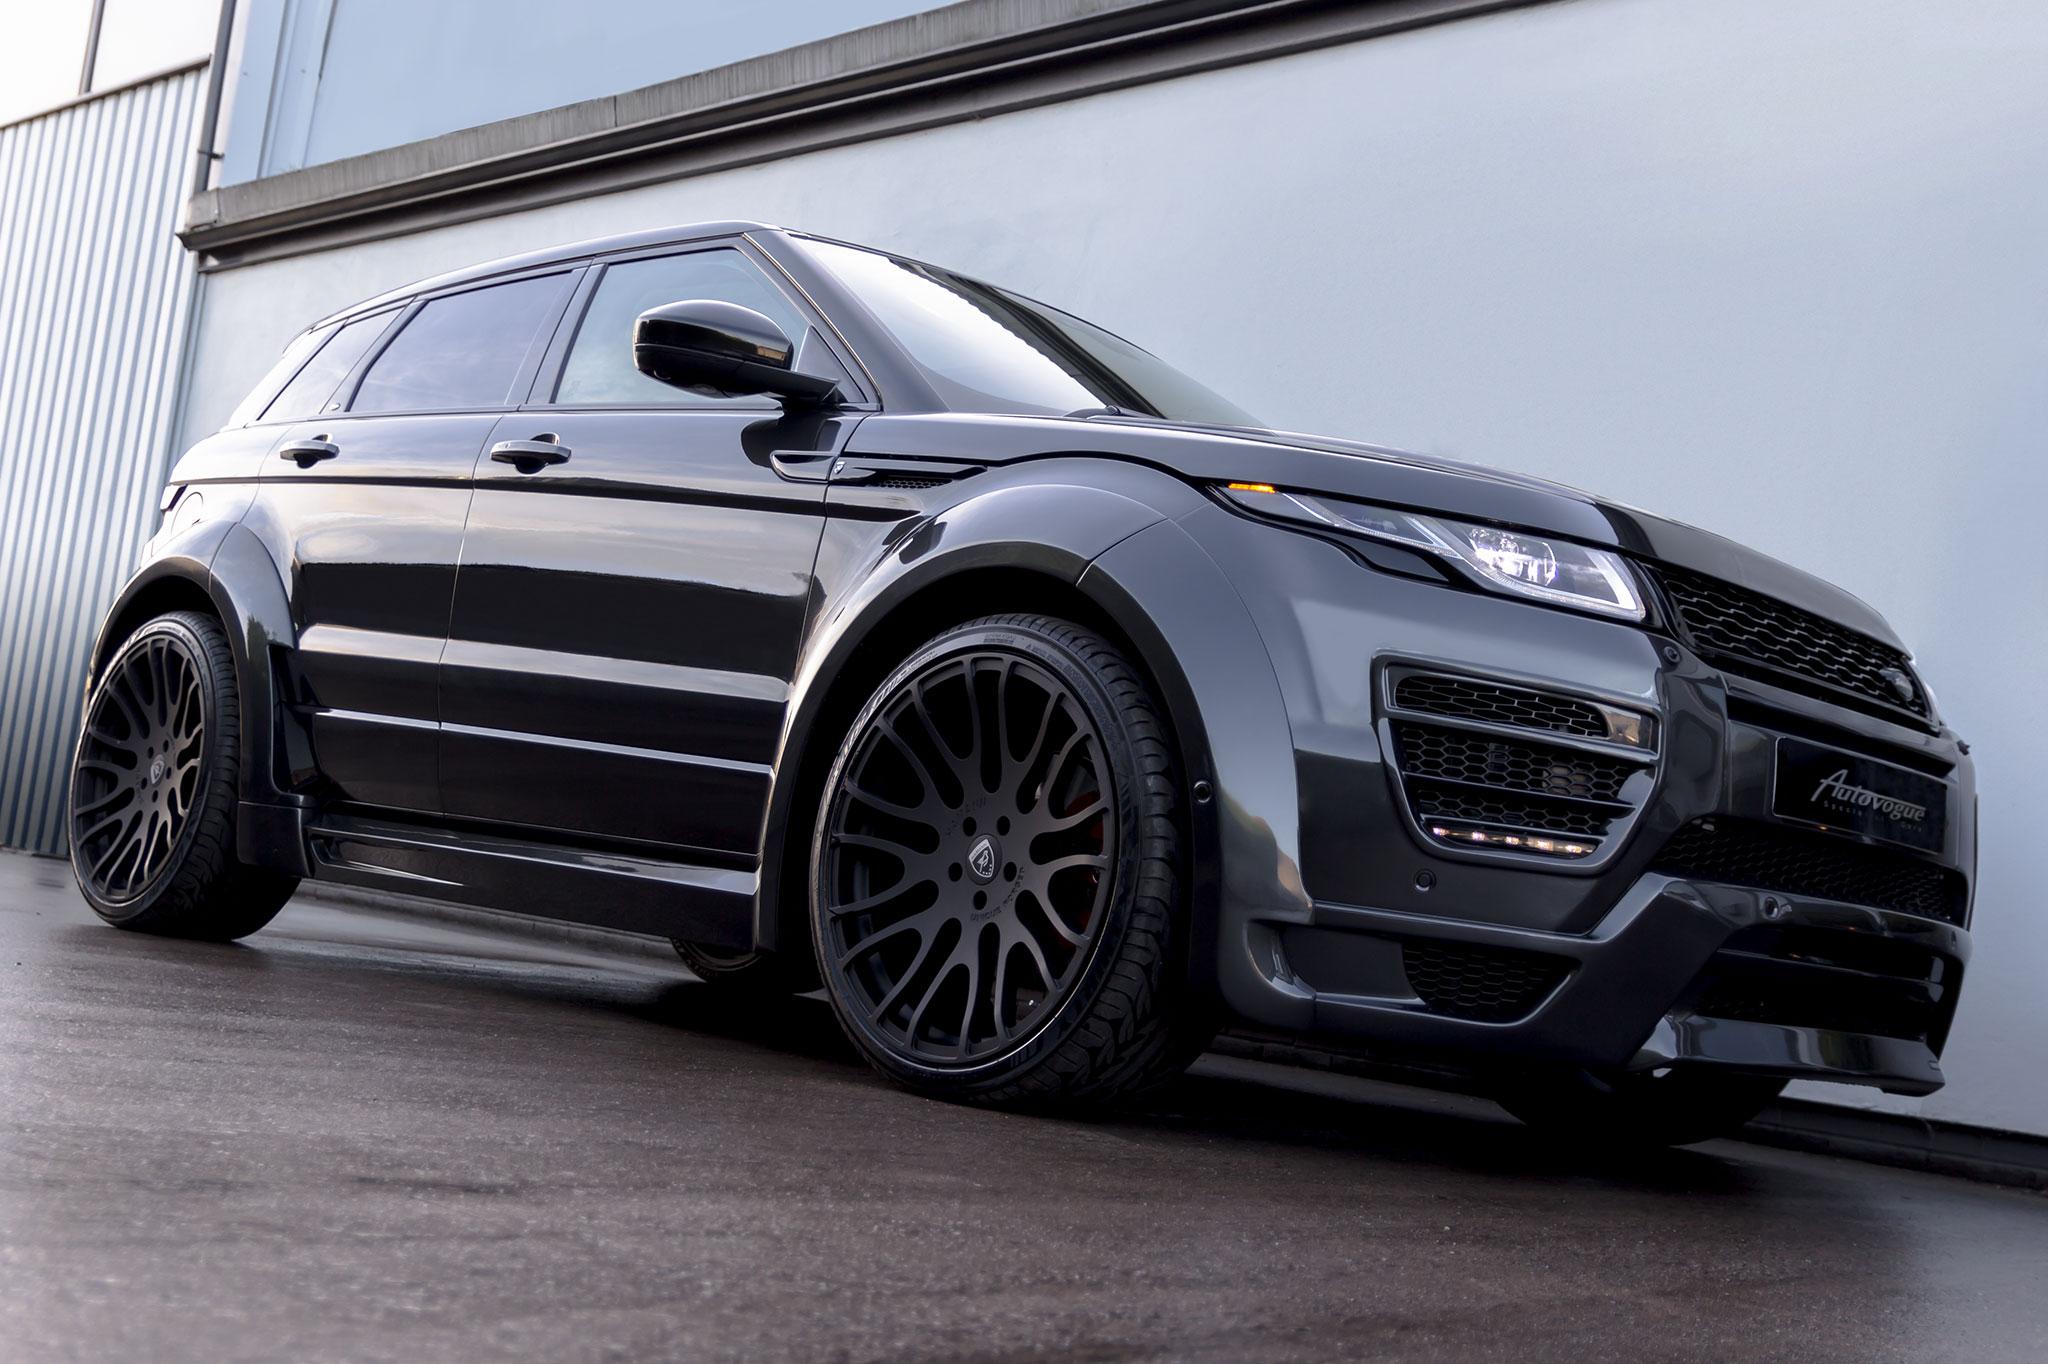 Range Rover Sport >> Hamann Range Rover Evoque 5 Door Widebody